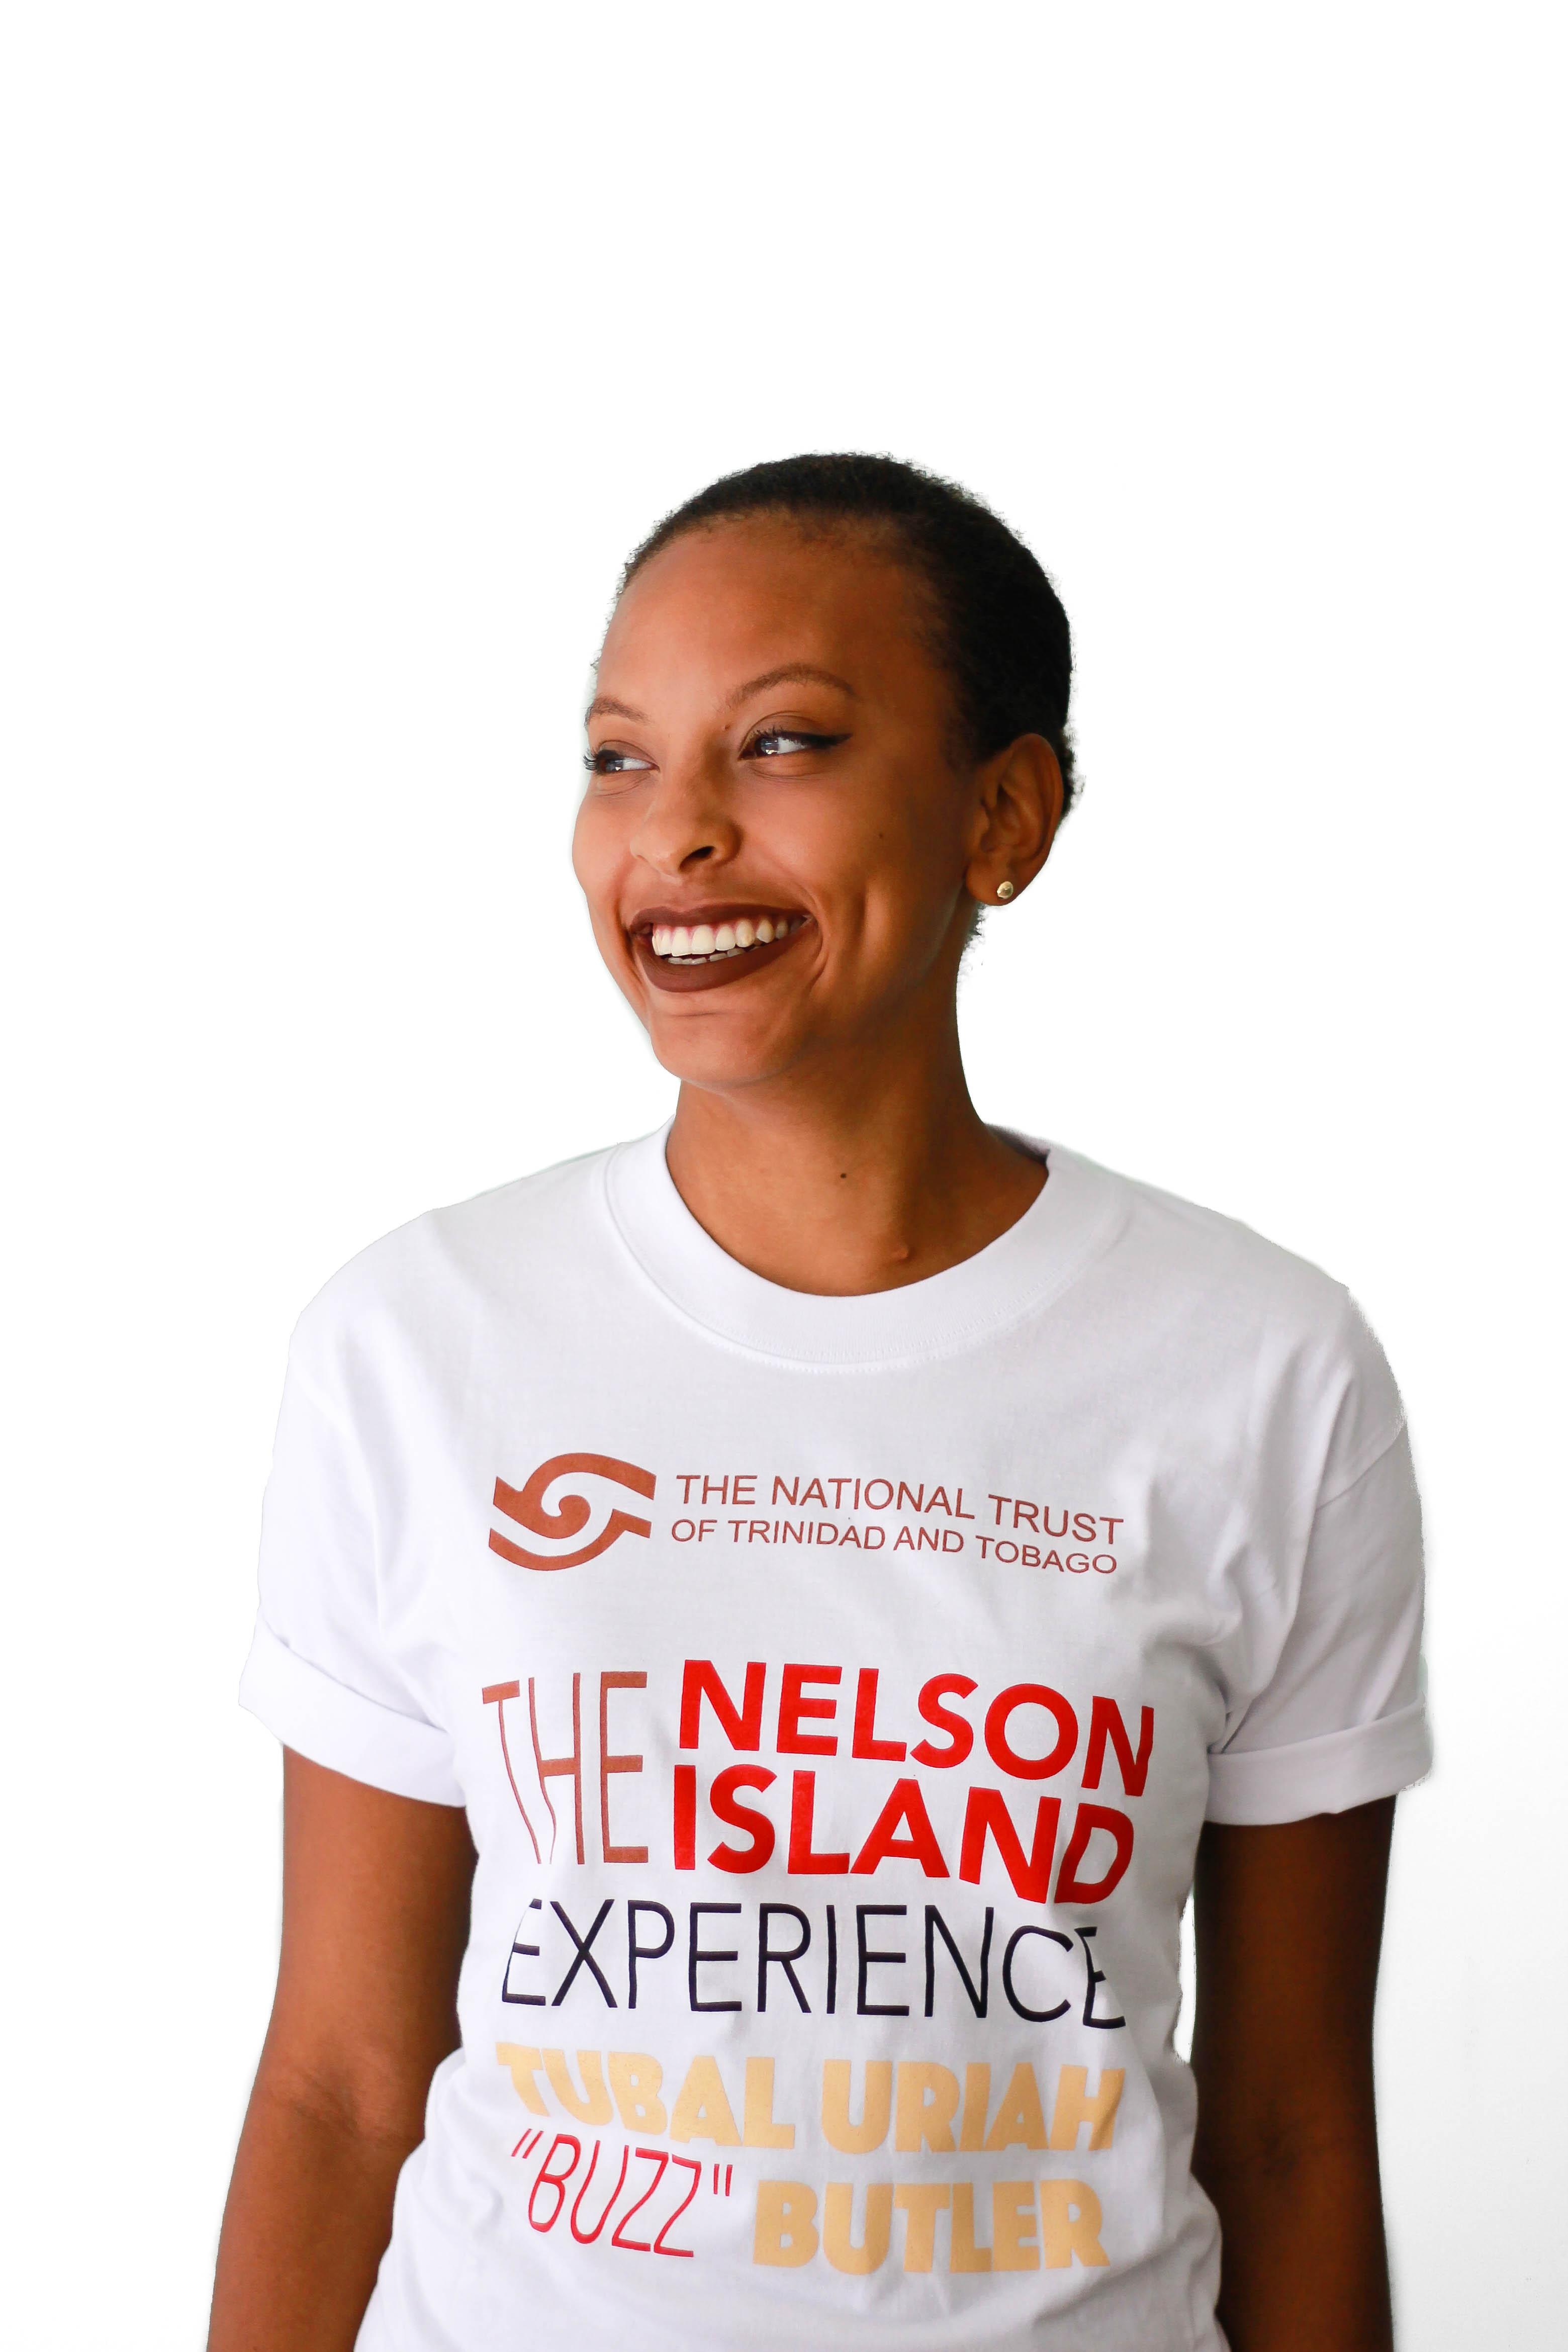 Nelson Island T Shirt – Uriah Buzz Butler